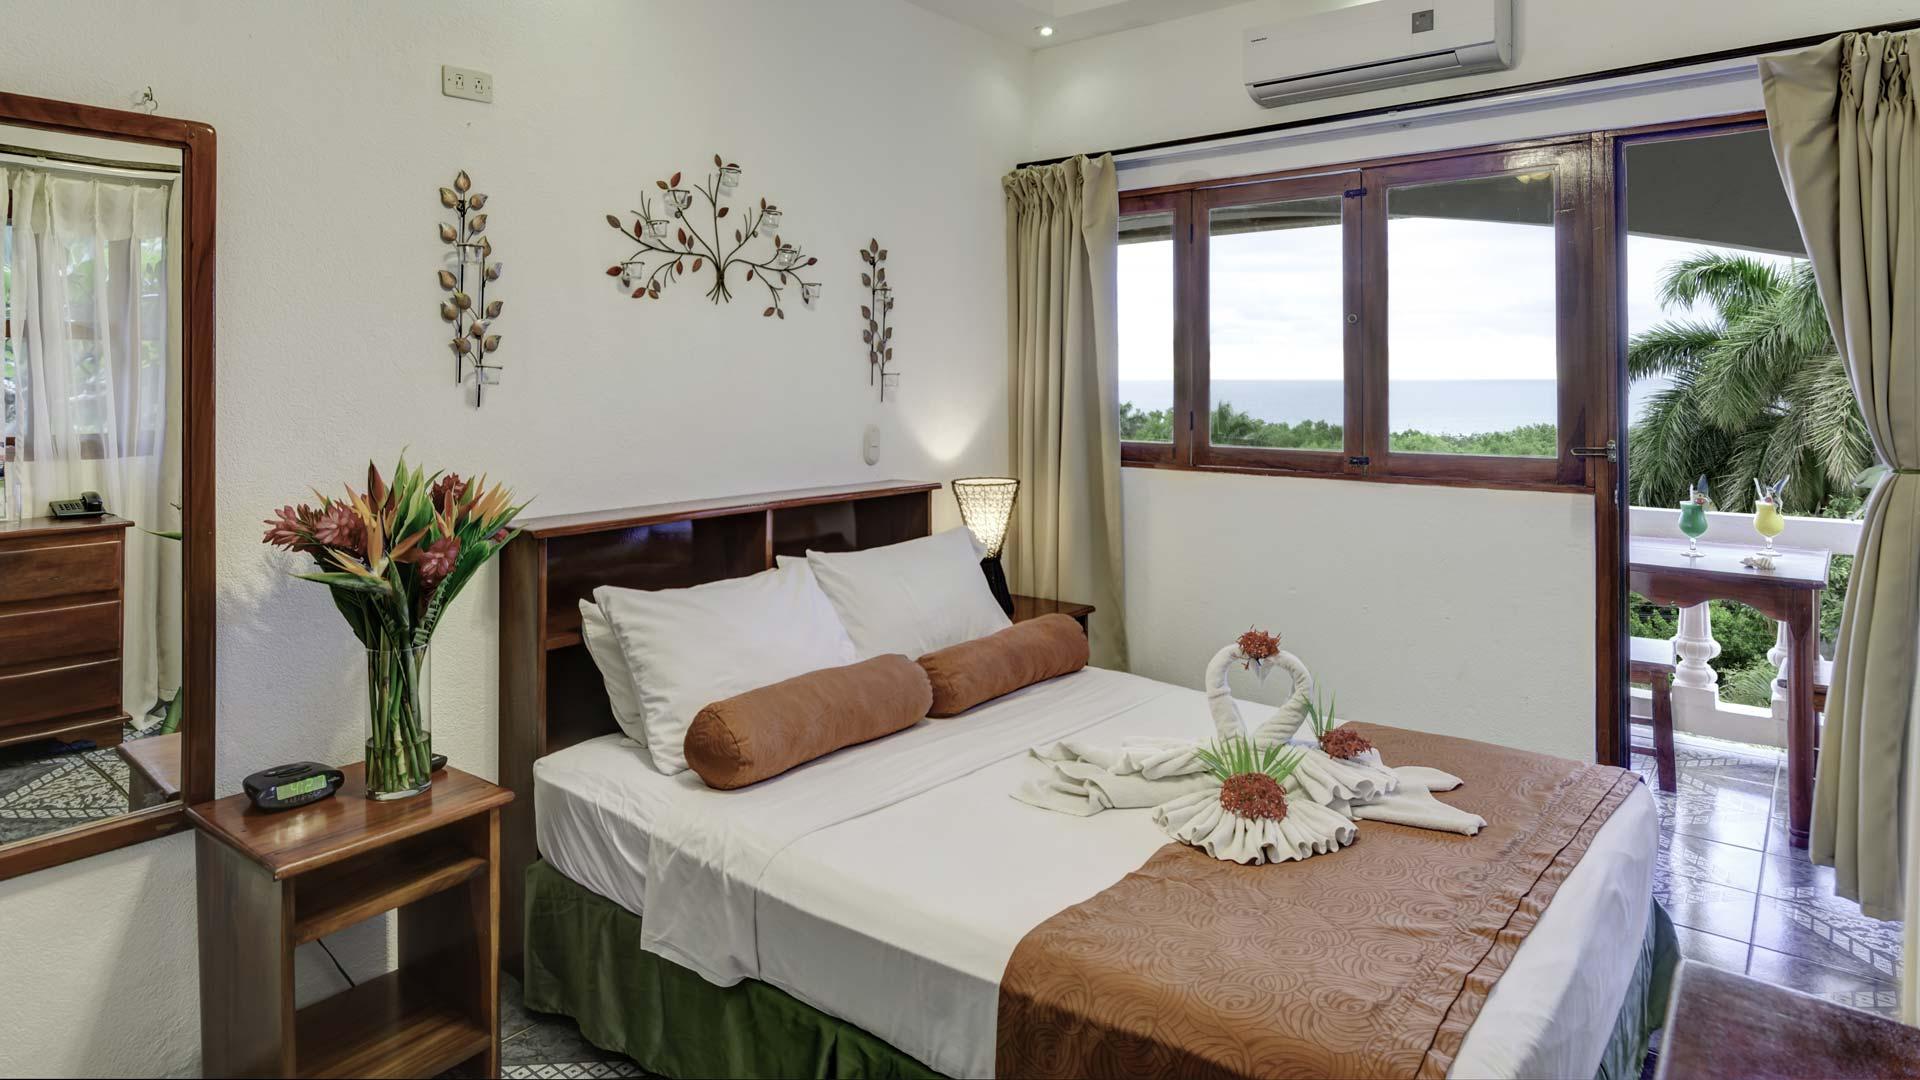 Habitaciones best western tamarindo hotel vista villas for Como reservar una habitacion en un hotel